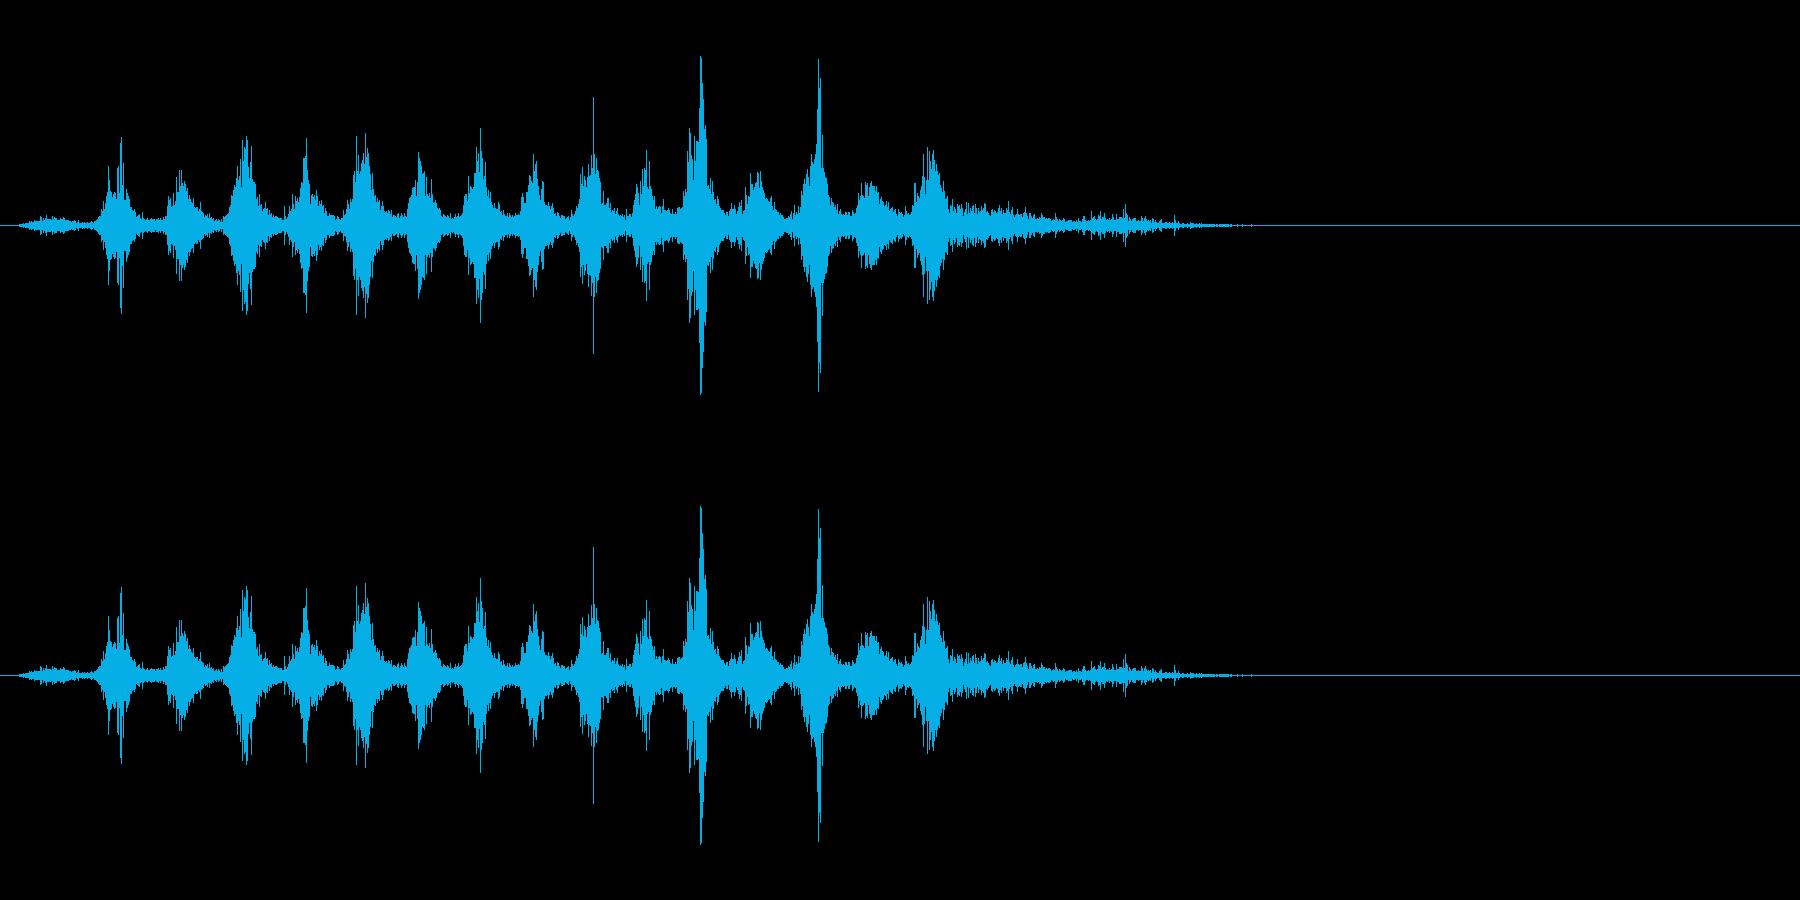 「シャカシャカ〜」木製シェイカーの振り音の再生済みの波形